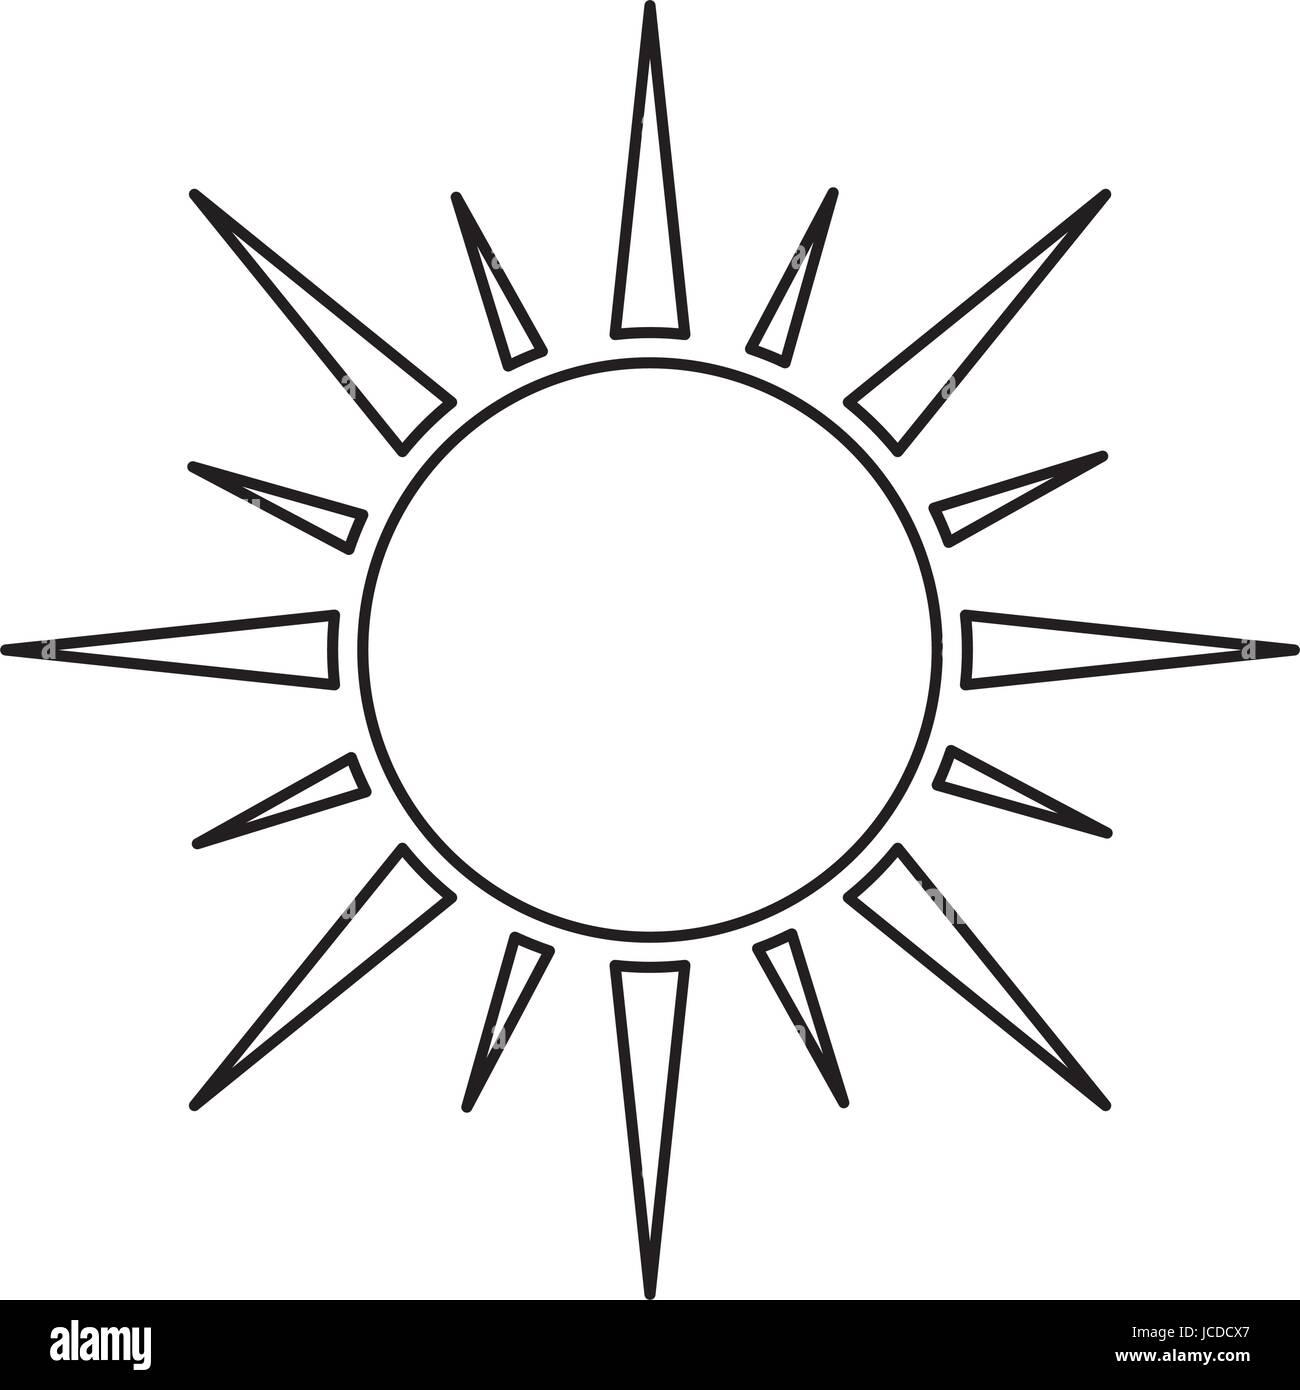 image d'icône de soleil Illustration de Vecteur